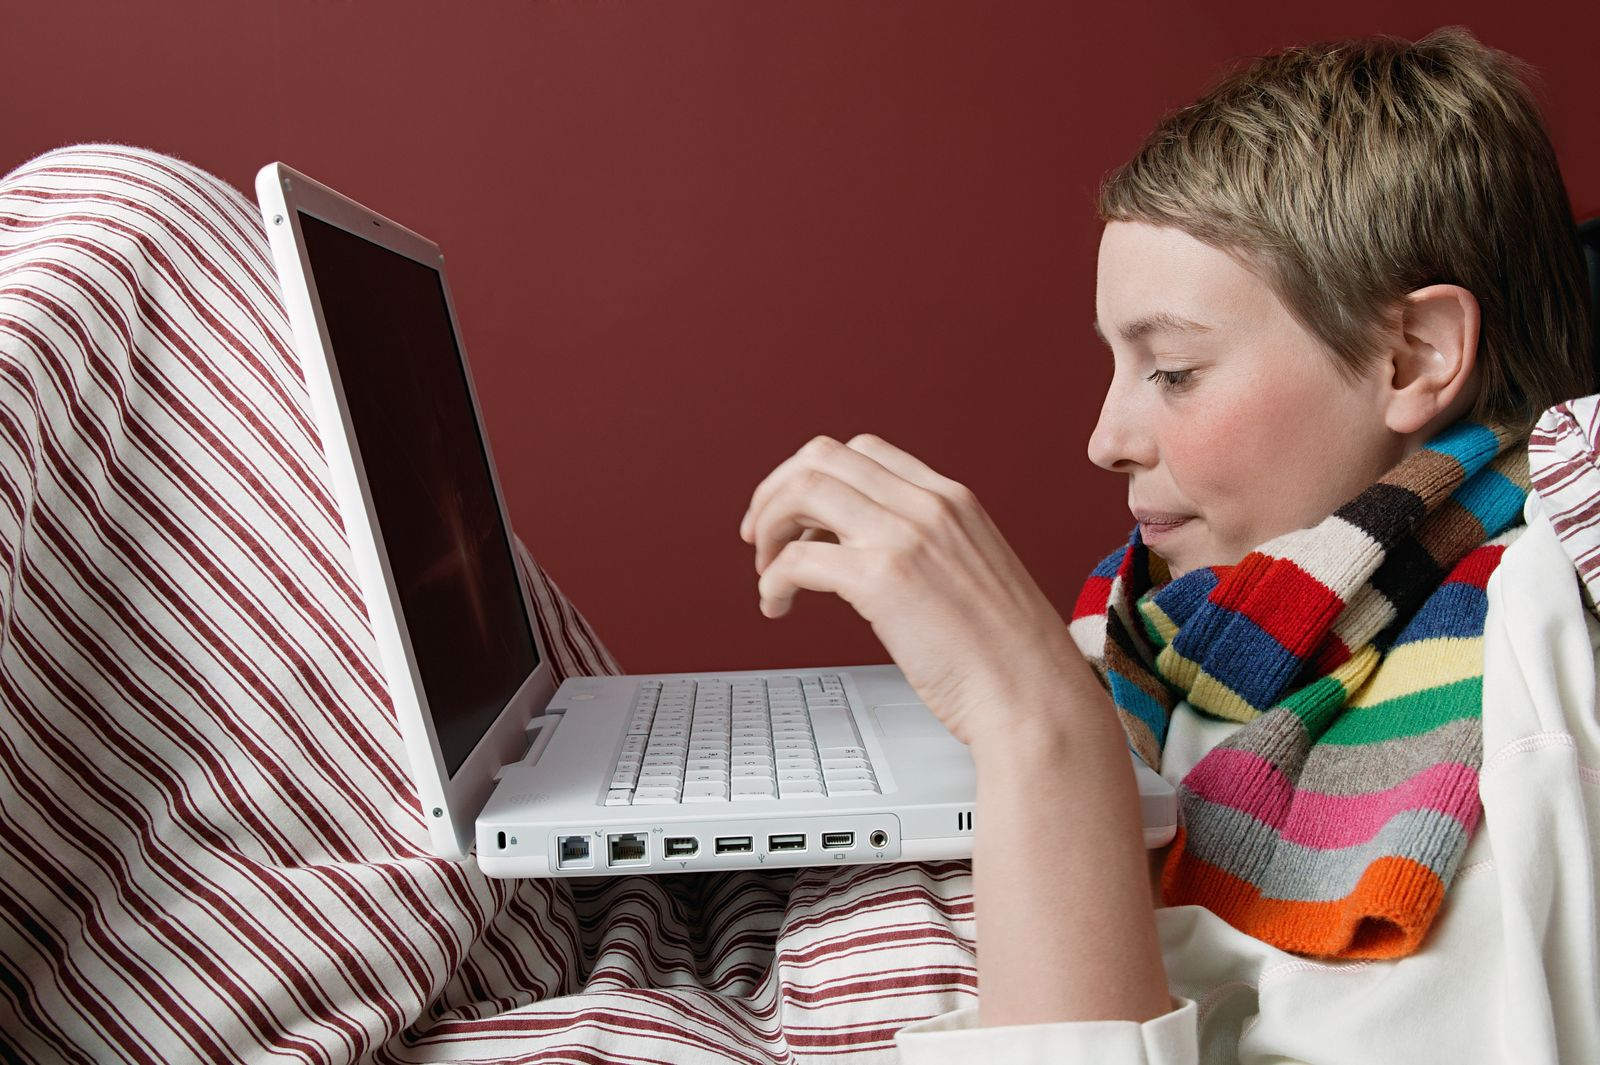 NICHT MEHR VERWENDEN! - Gesundheit/ Laptop/ Info